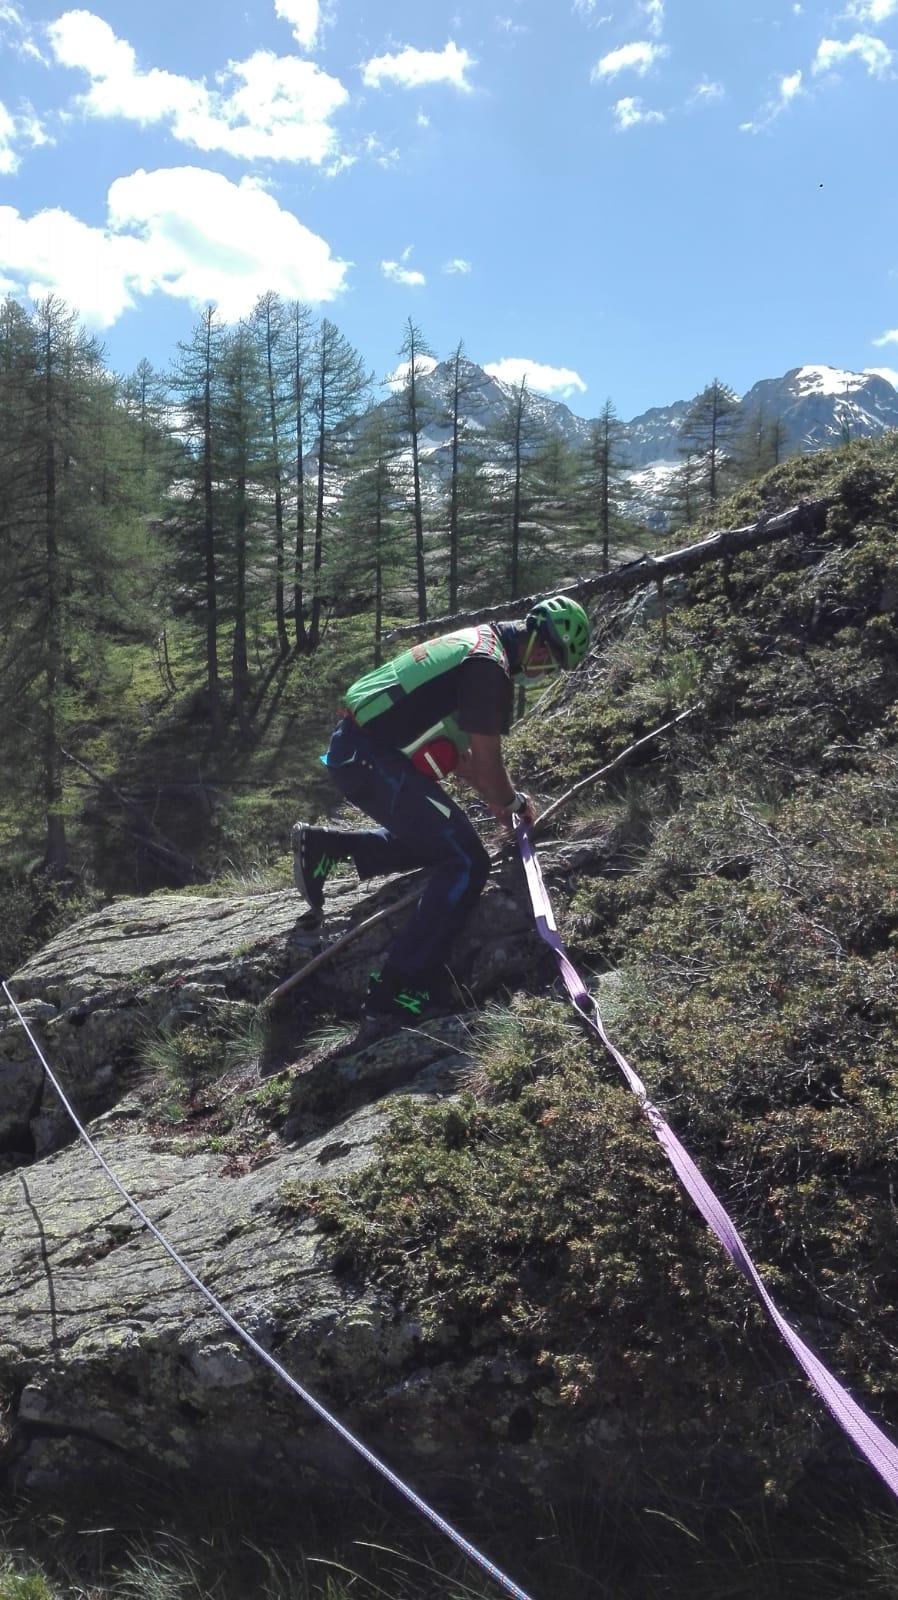 Interventi del Soccorso Alpino a Pian Valasco e Villar San Costanzo